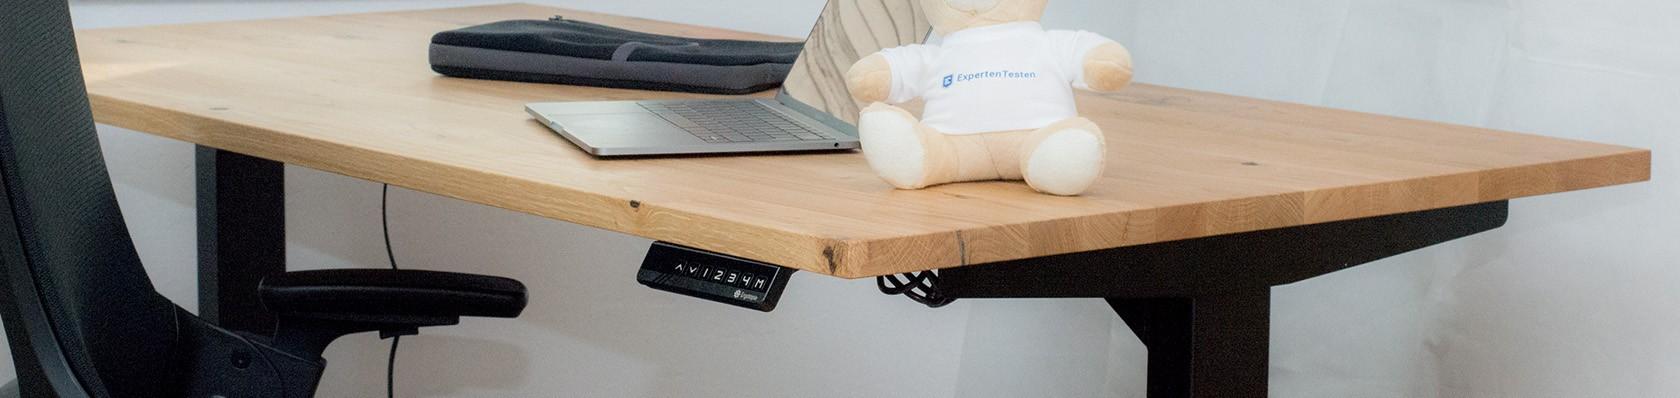 Höhenverstellbare Schreibtische im Test auf ExpertenTesten.de